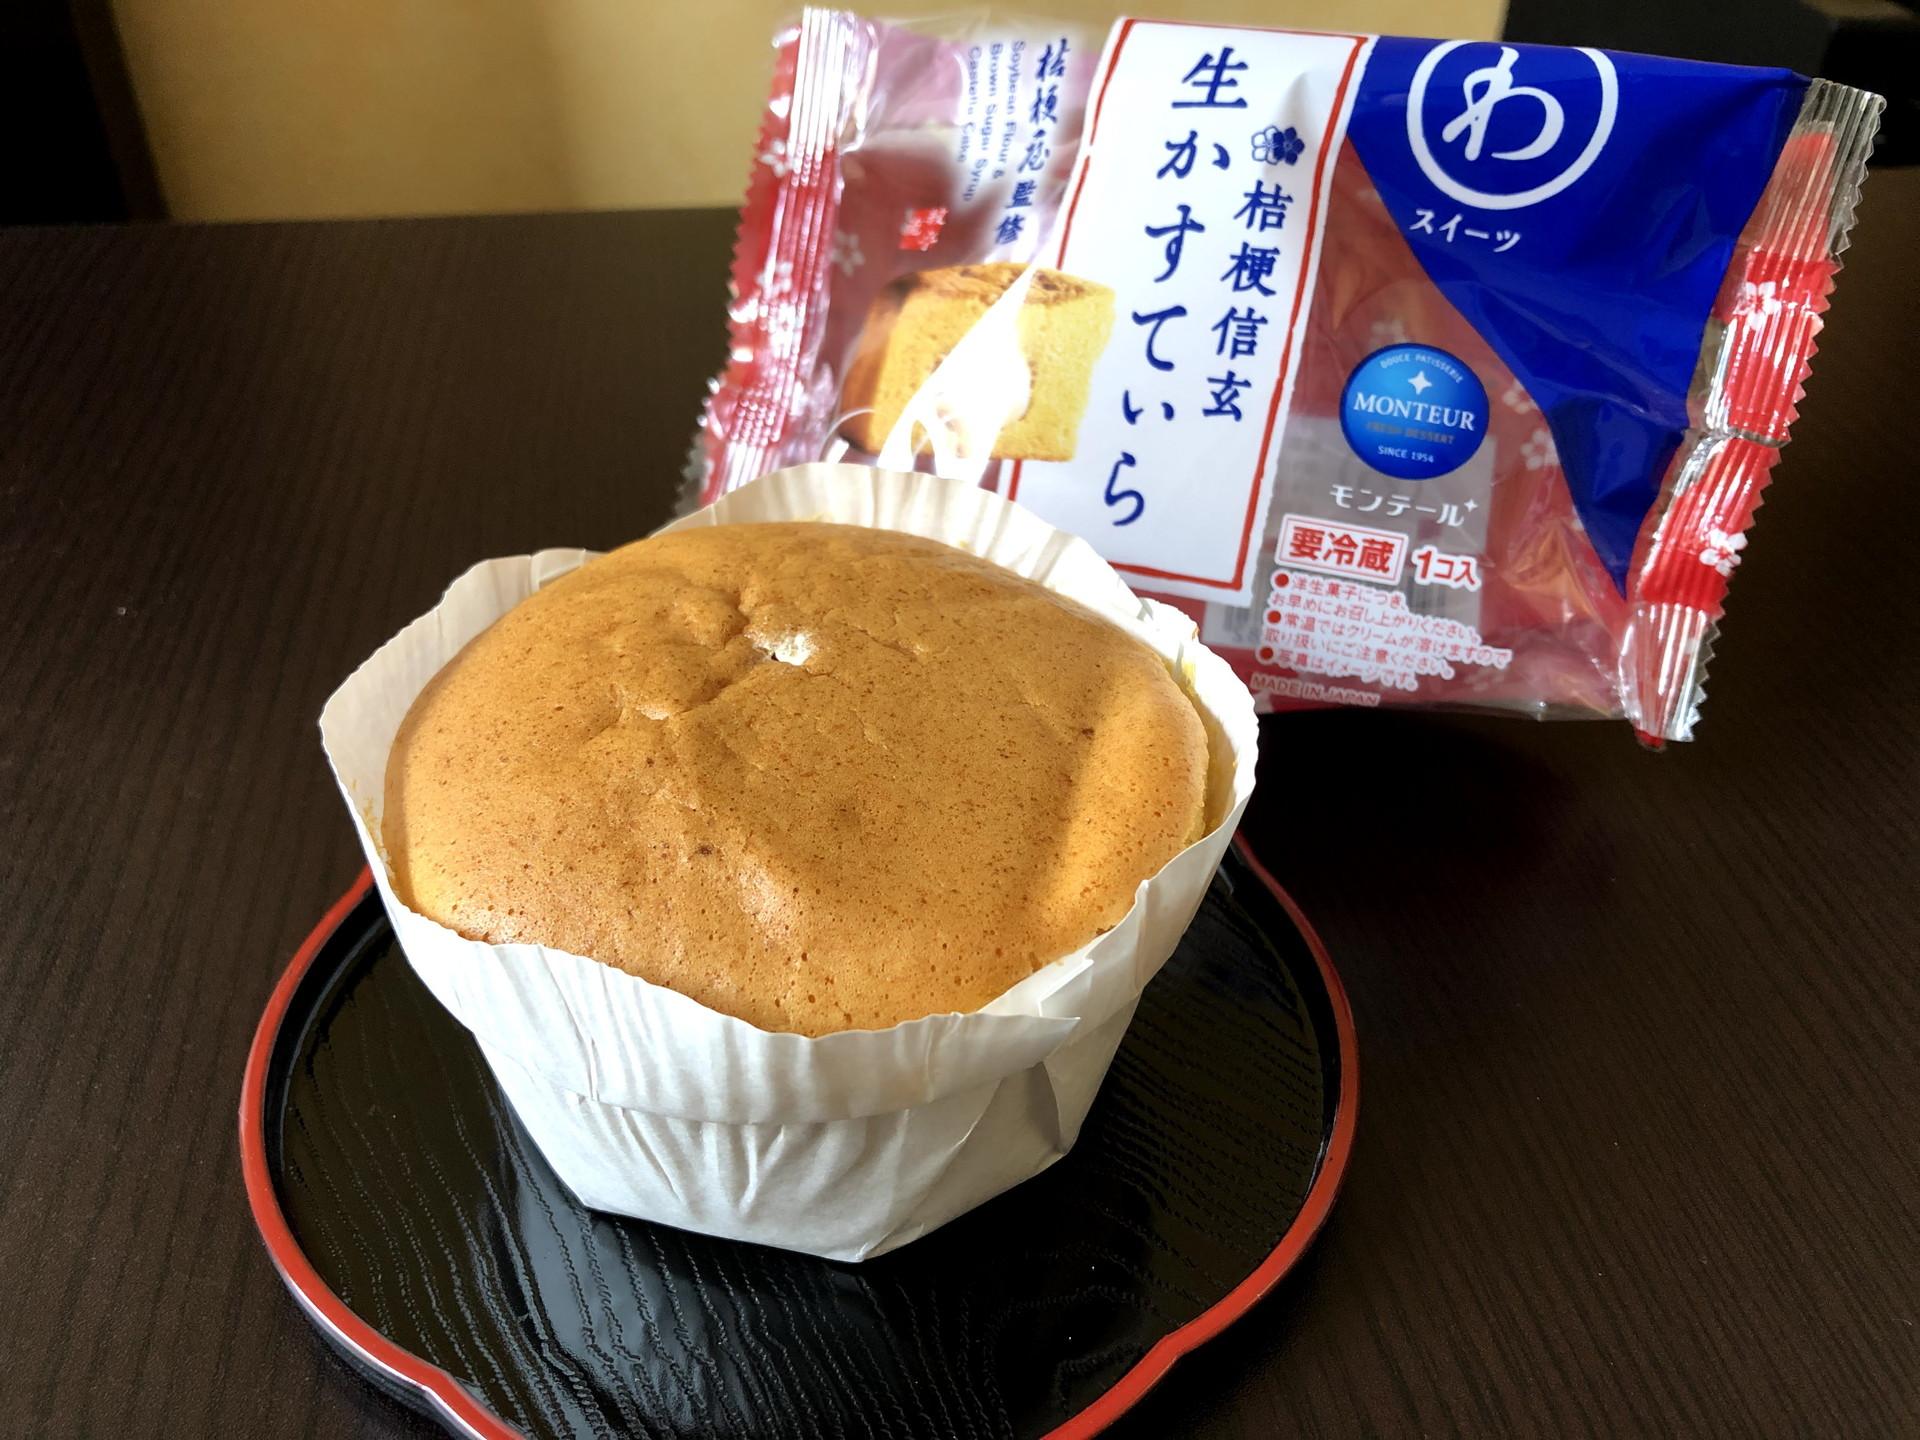 期間限定!ふわふわしっとり新食感♡【モンテール】桔梗信玄・生かすてぃらを実食!